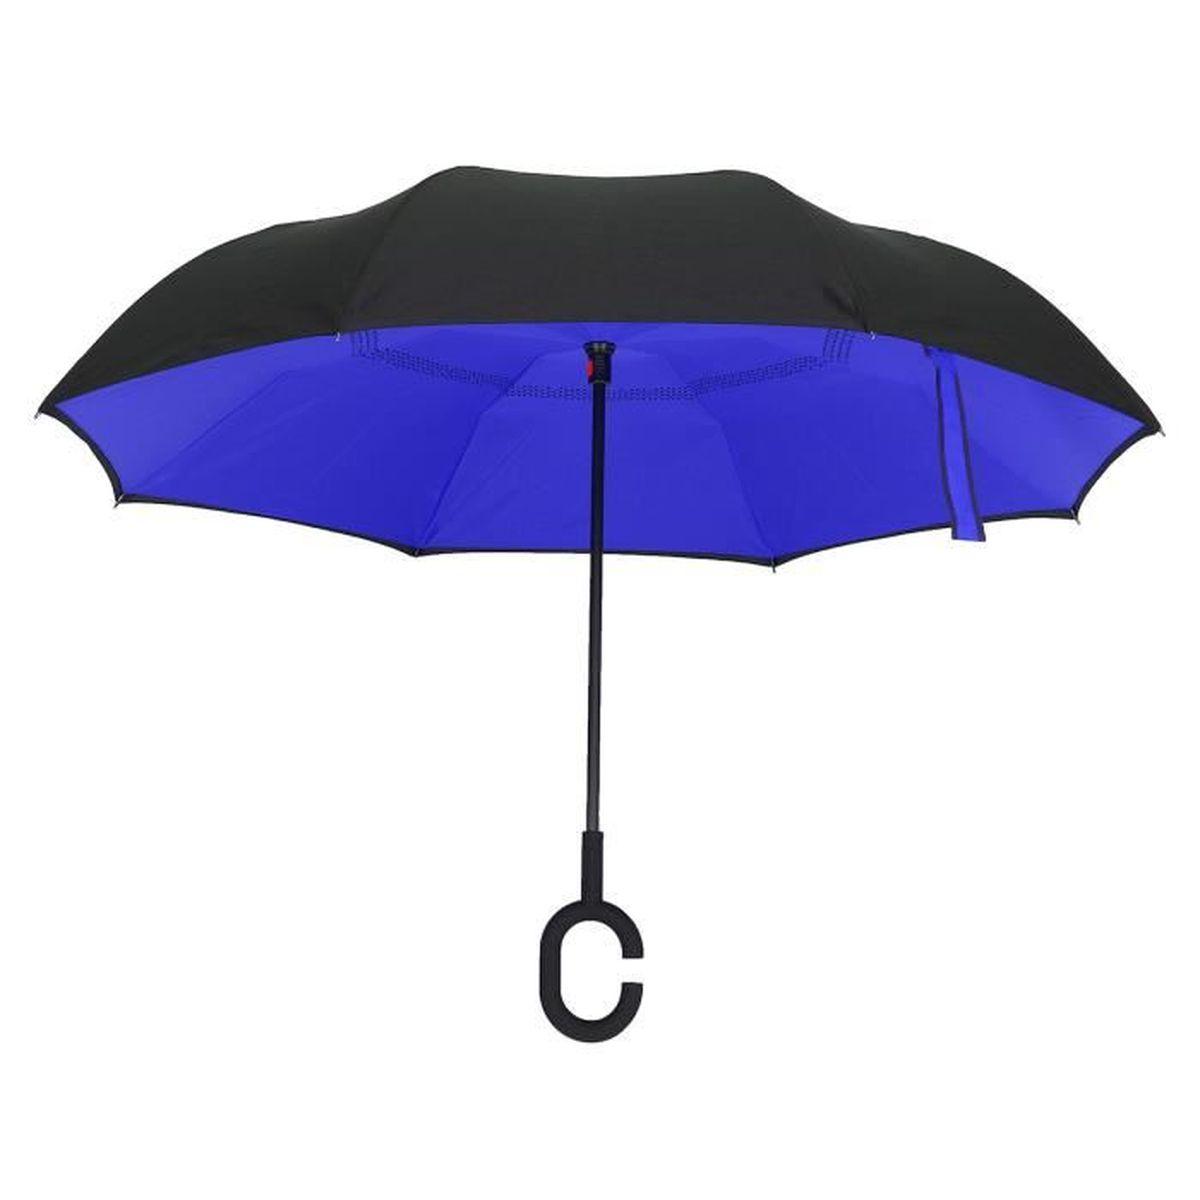 6 Couleurs Parapluie Parasol Pliant Inversé à Double Anti-UV Vent Pluie Soleil Dark Blue